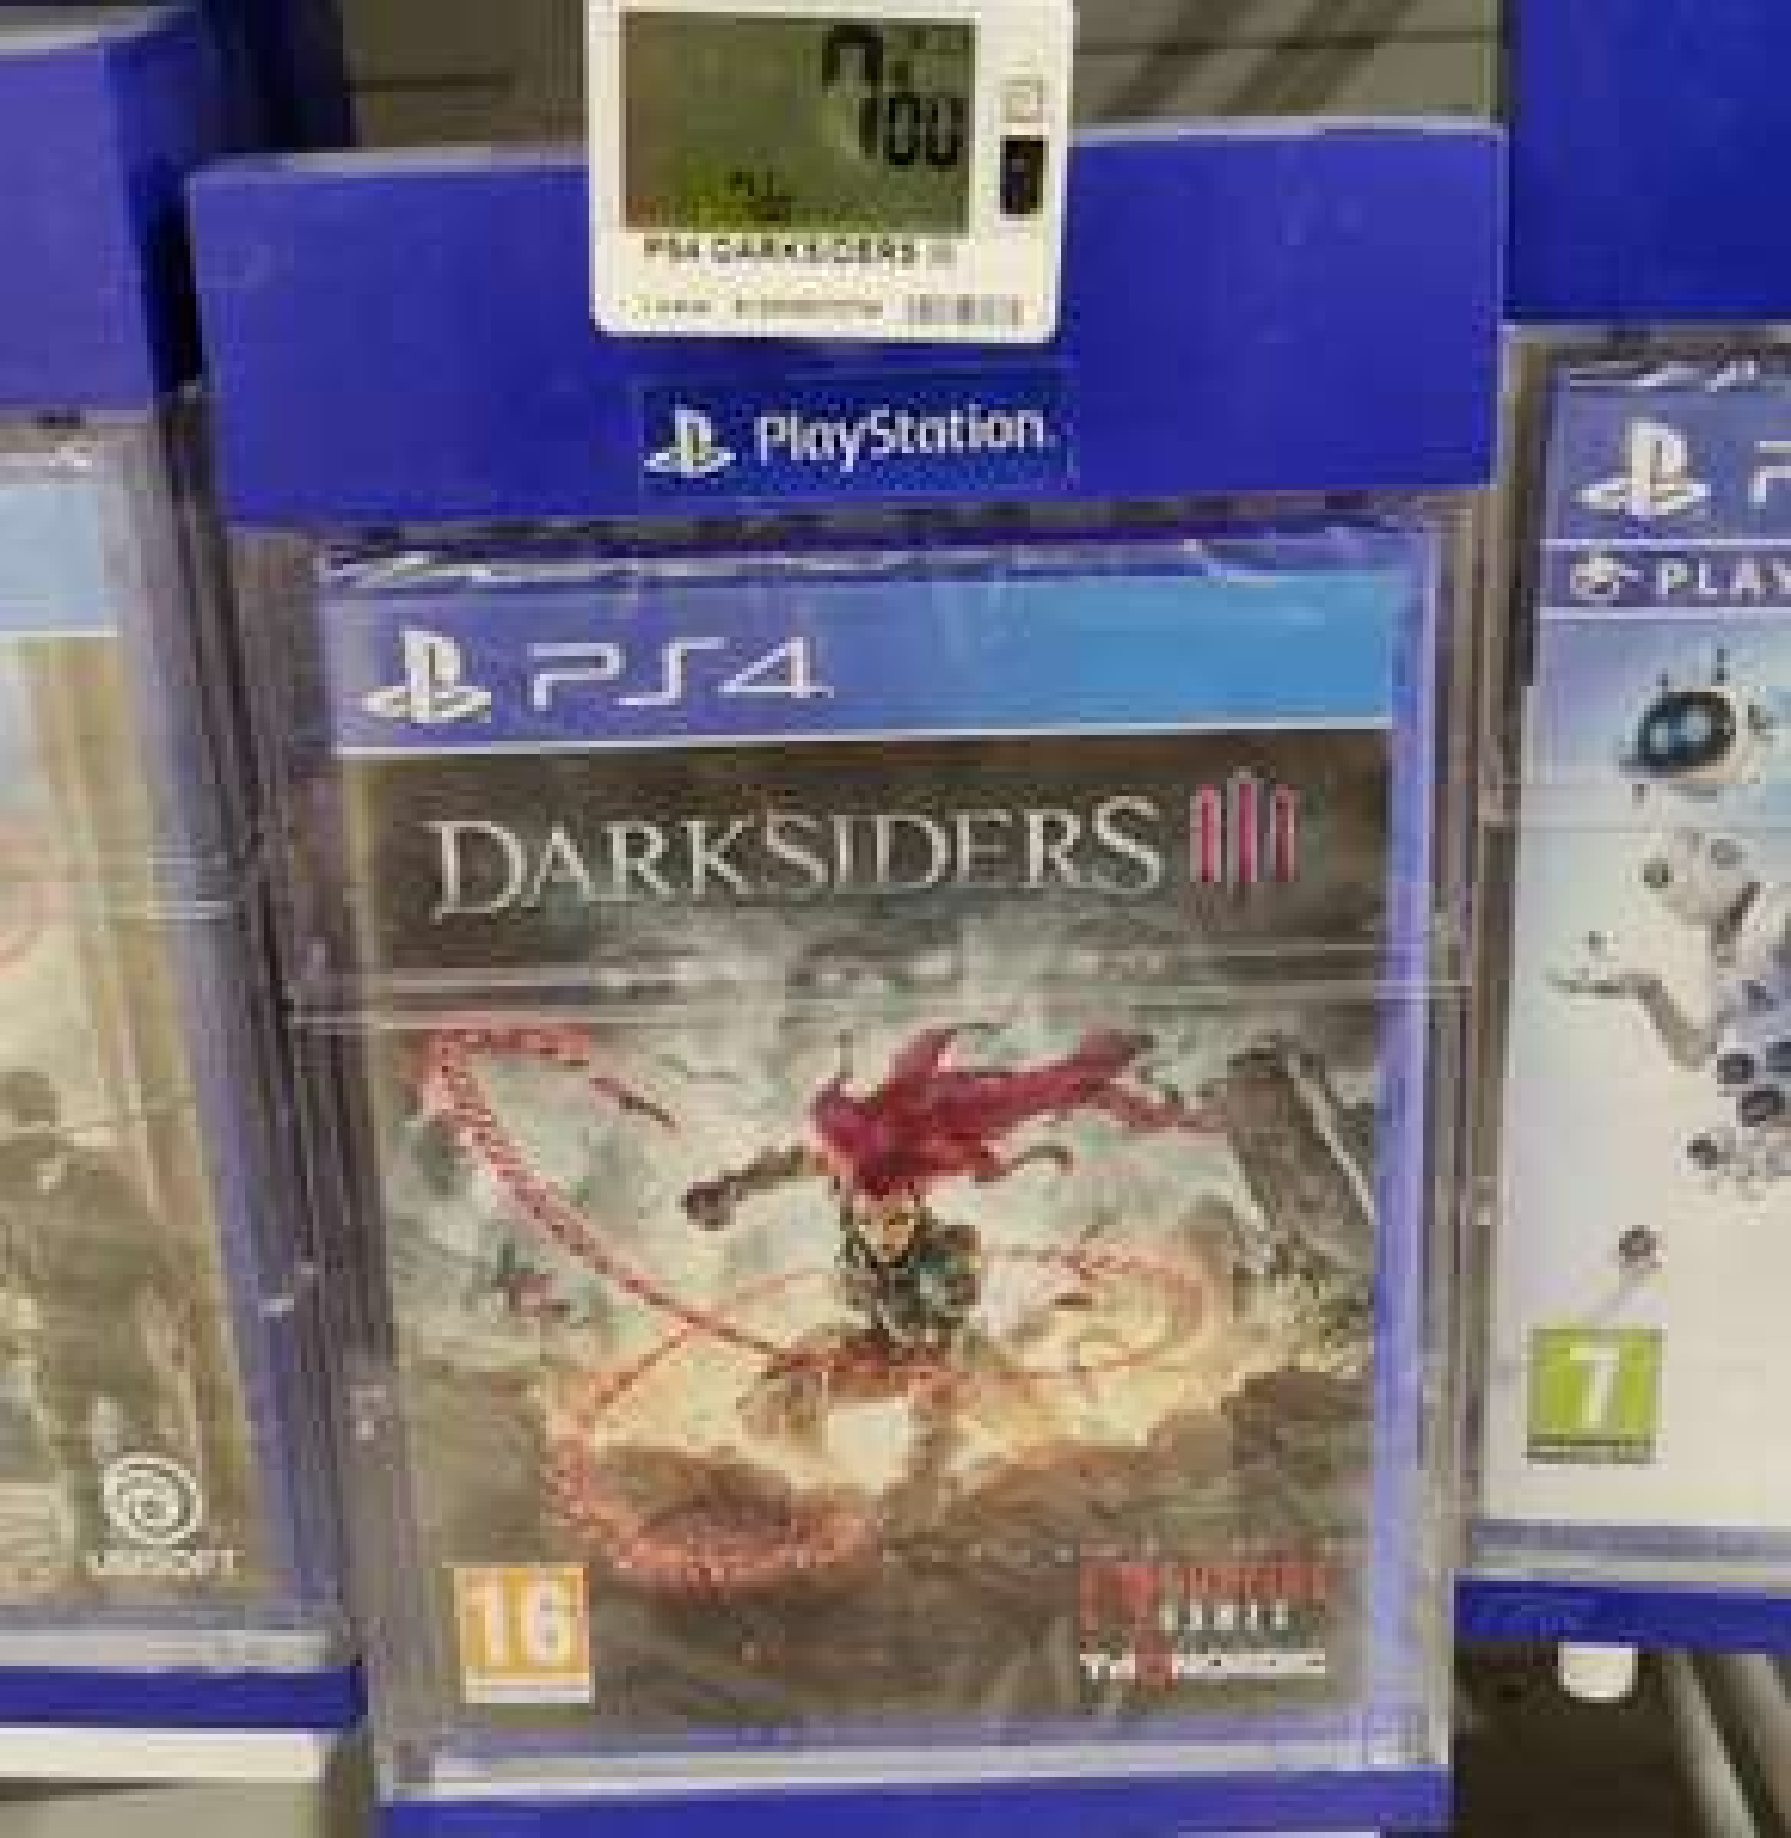 Sélection de jeux vidéo en promotion - Ex : Darksiders 3 sur PS4 - Goussainville (95)